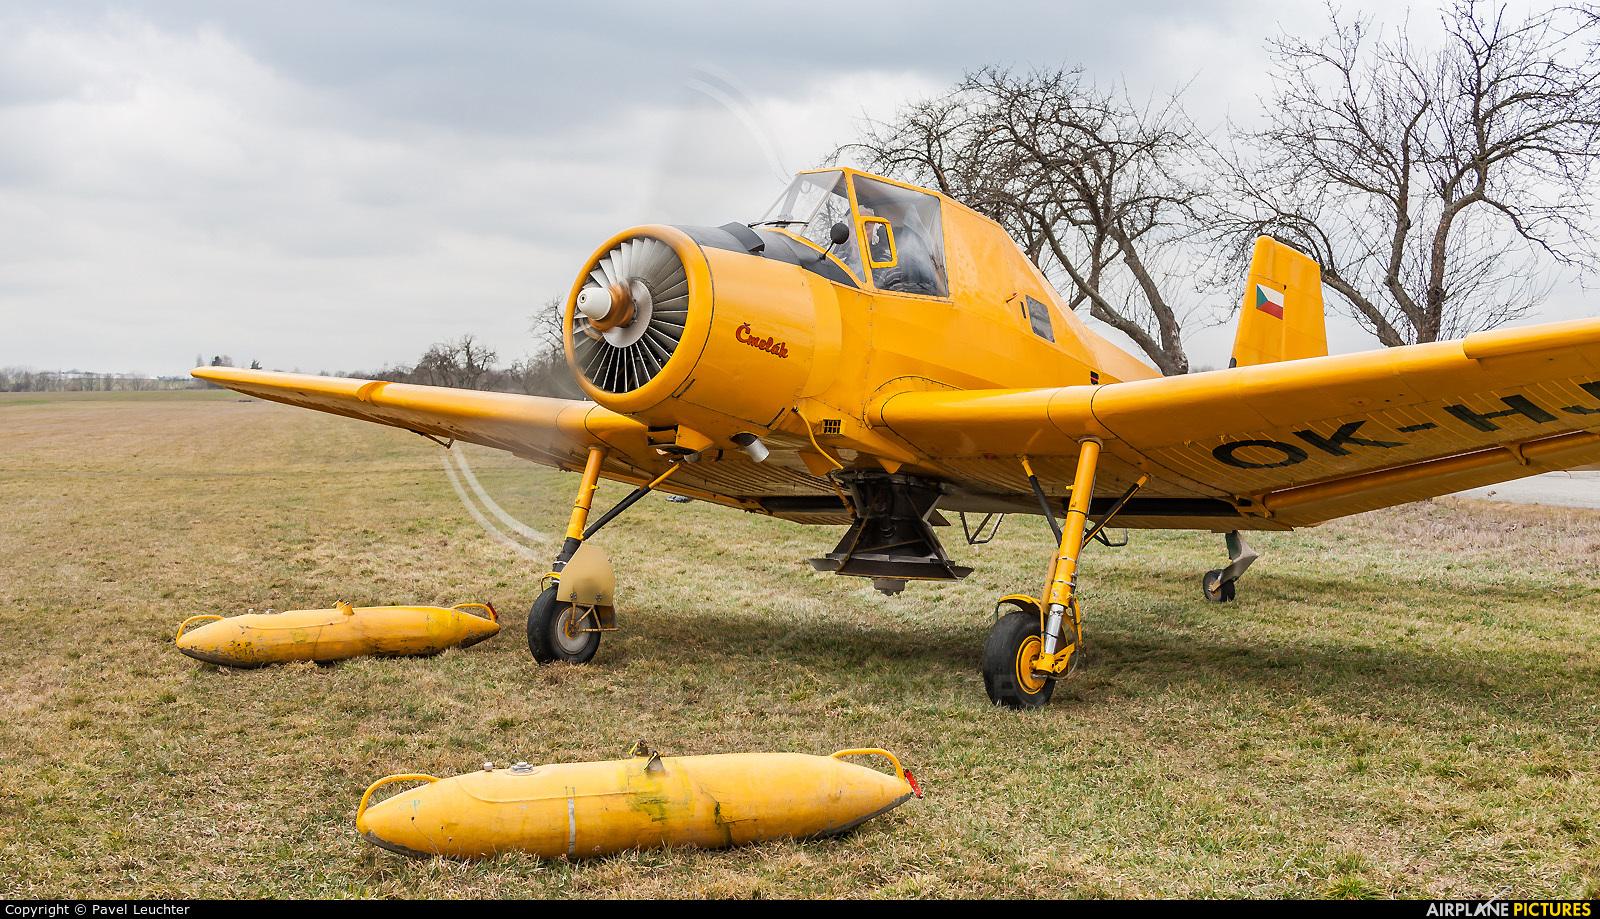 Agroair OK-HJK aircraft at Off Airport - Czech Republic